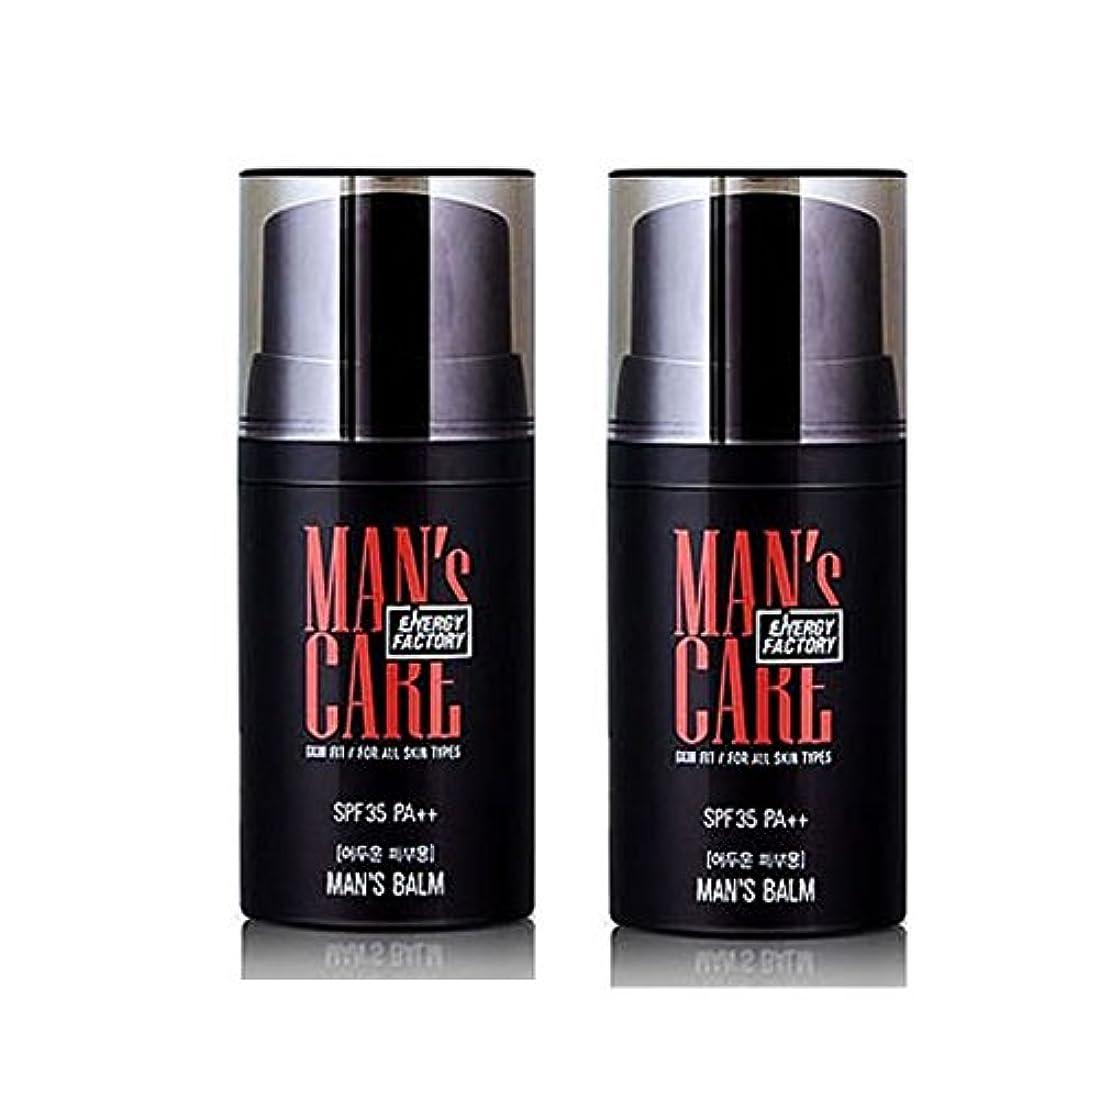 マントルバイバイ利得メンズケアエネルギーファクトリースキンフィット?マンズ?Balm 50ml x 2本セット(明るい肌用、暗い肌用) メンズコスメ、Man's Care Energy Factory Skin Fit Man's Balm...